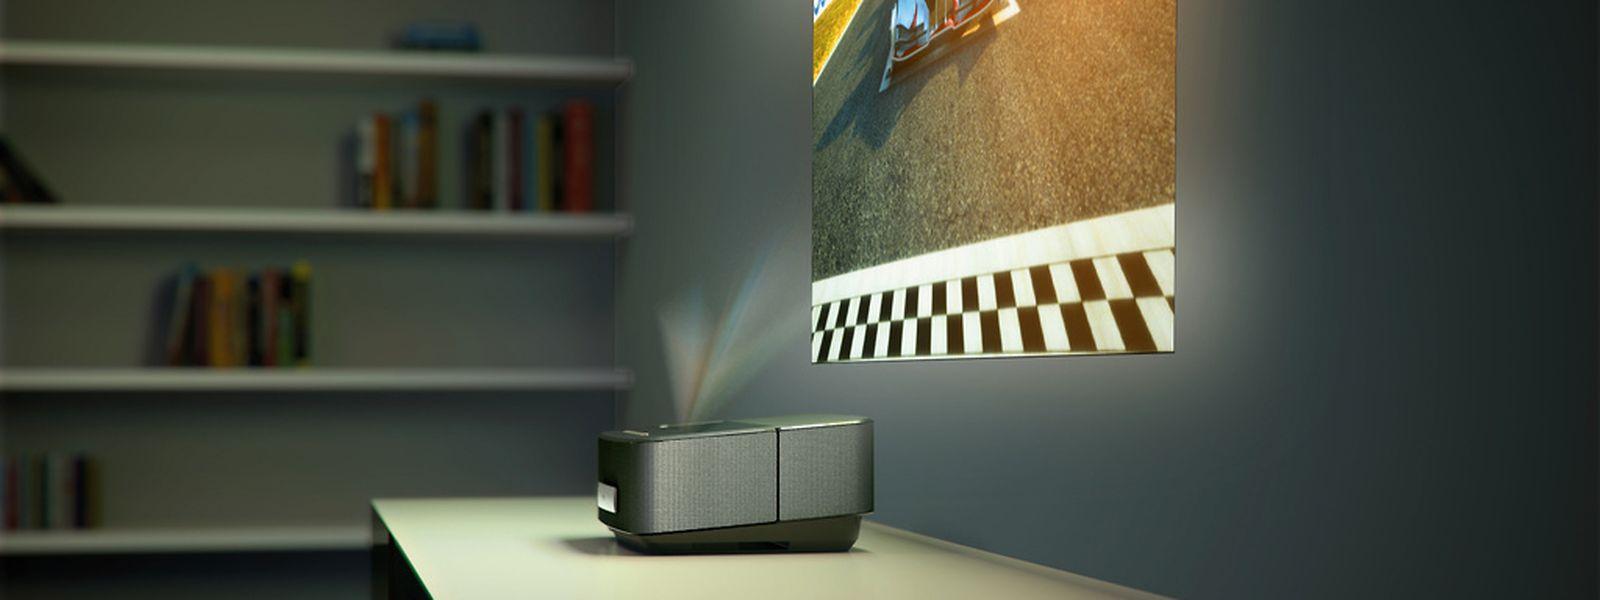 In den Philips-Screeneo-Projektoren stecken Lautsprecher, ein Netzwerk-Medienplayer und mitunter auch ein TV-Tuner.